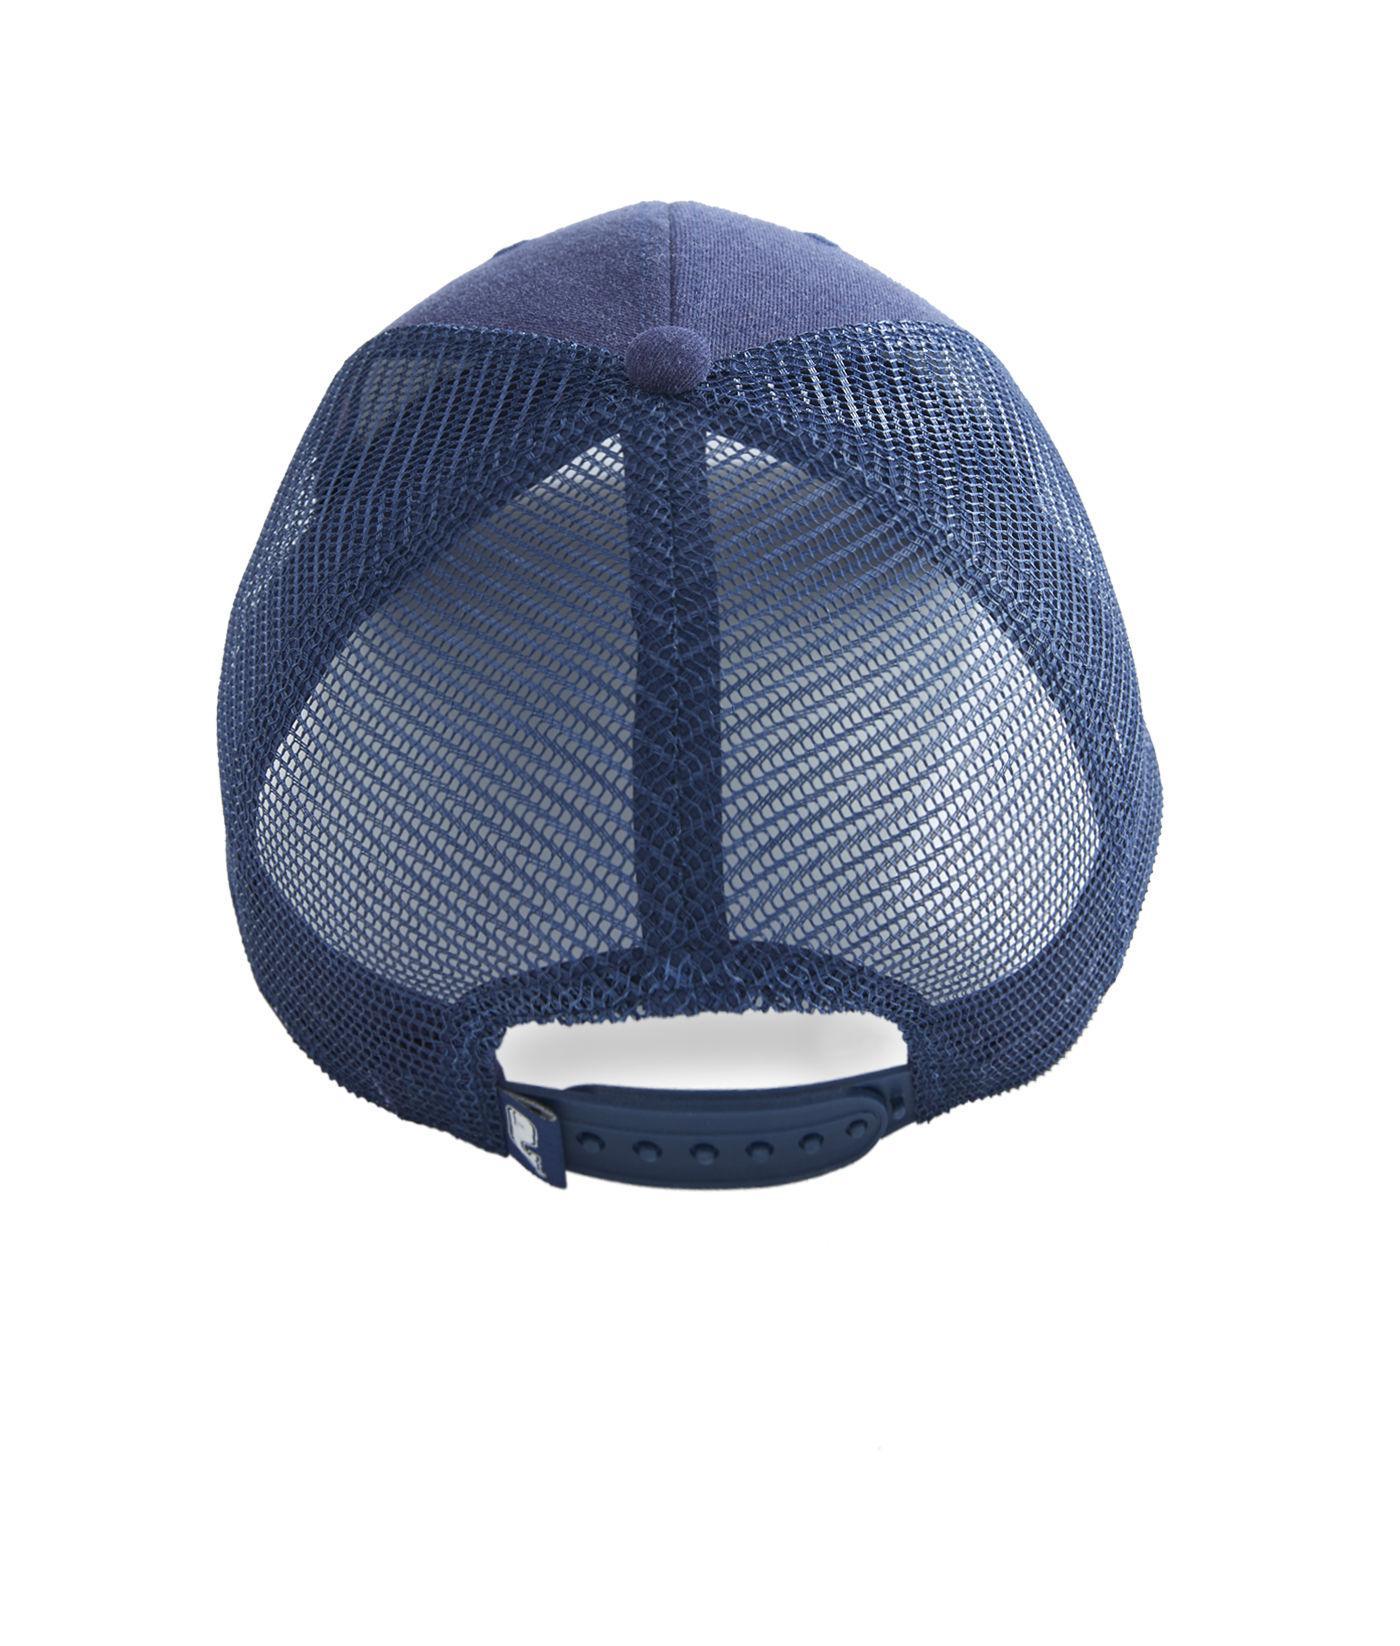 d3b377a18af Lyst - Vineyard Vines Surf Patch Trucker Hat in Blue for Men